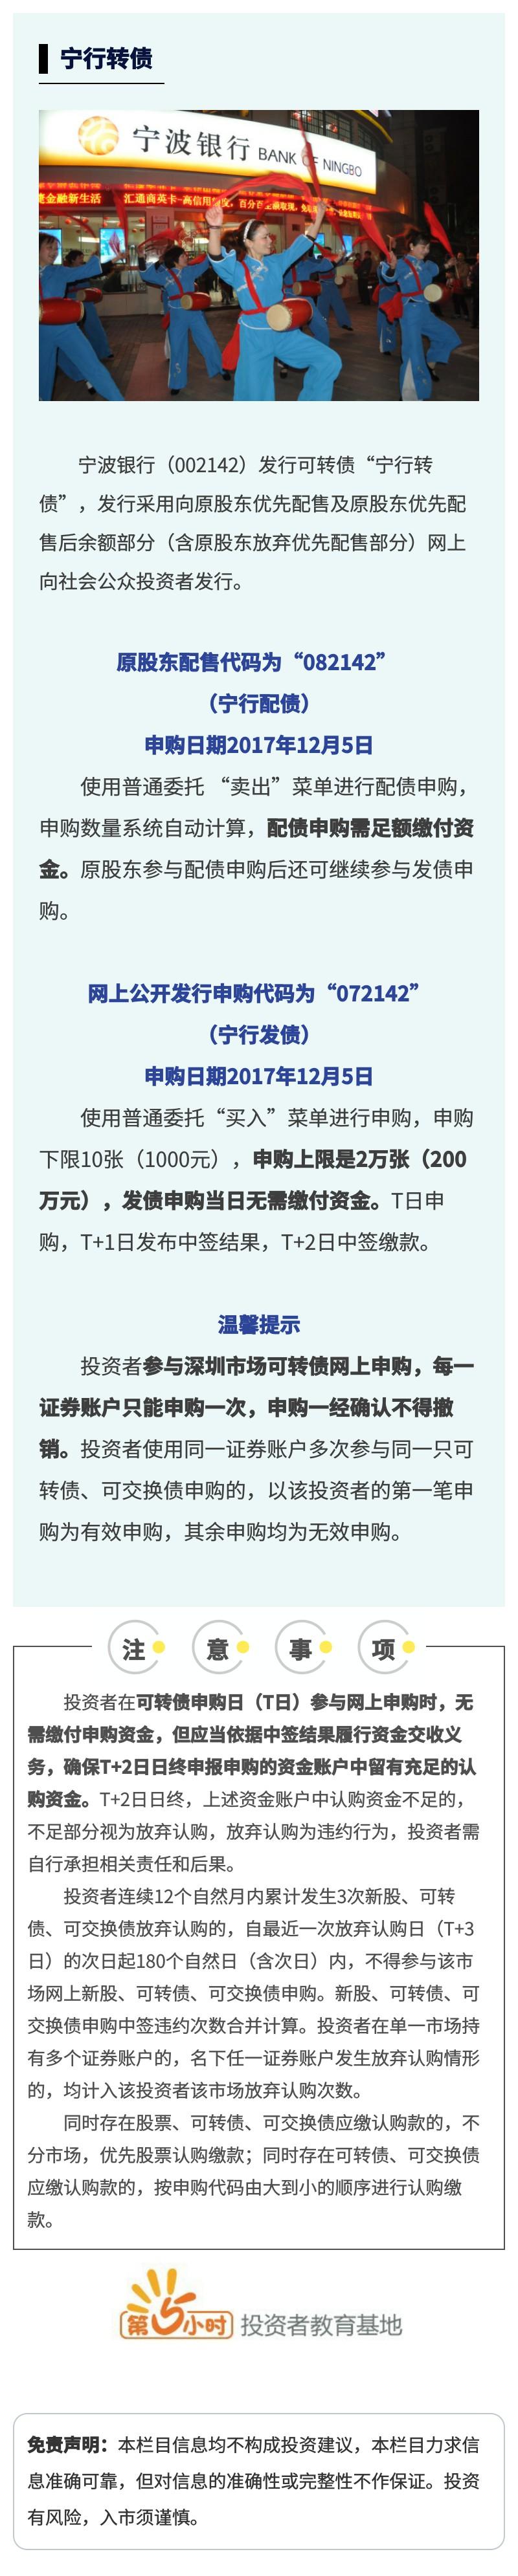 【打新债】宁波银行公开发行可转换公司债.jpg